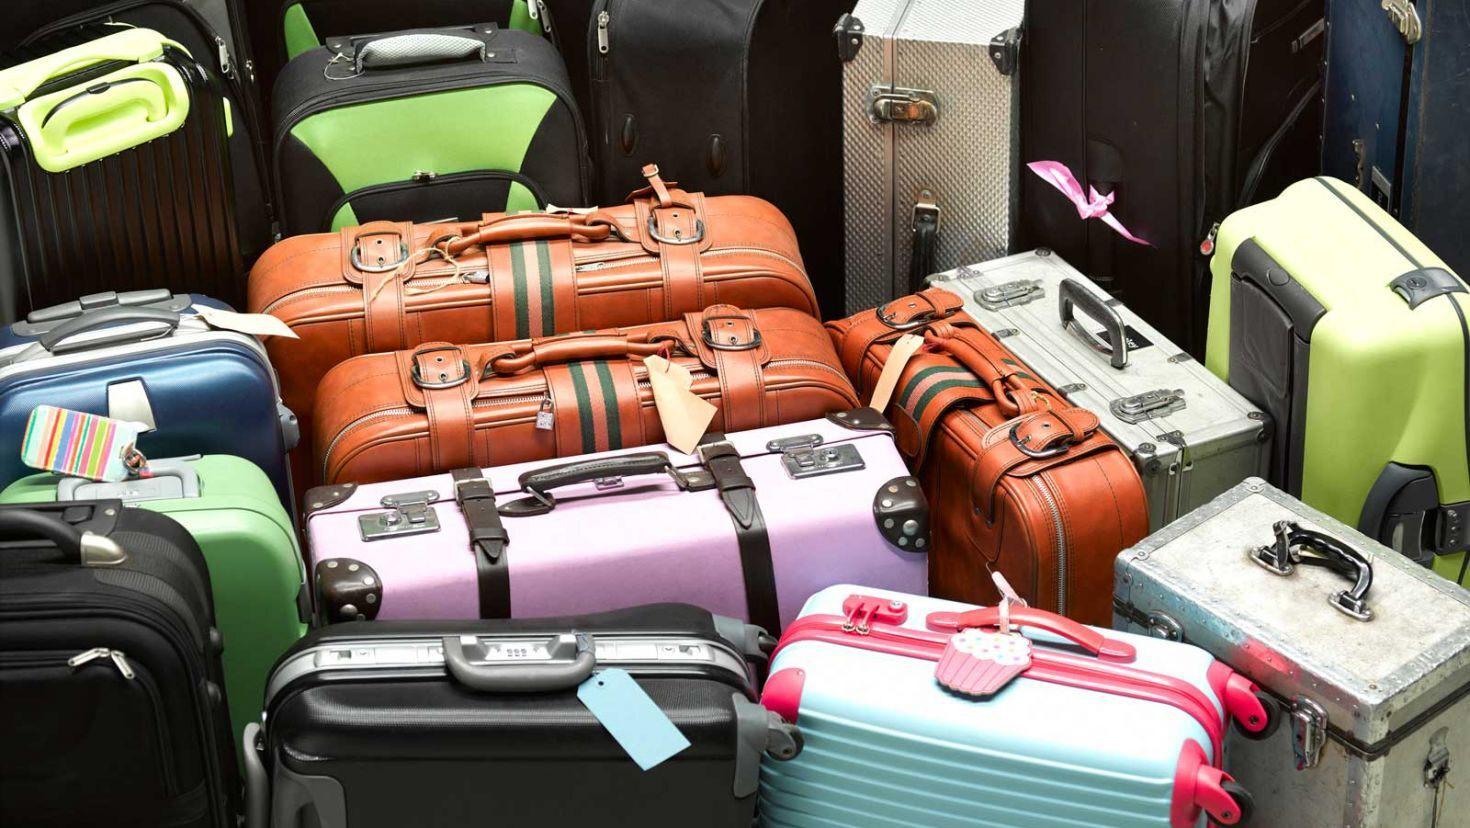 6 tuyệt chiêu giúp bạn tiết kiệm phí hành lí khi đi máy bay ở Mỹ - Ảnh 2.